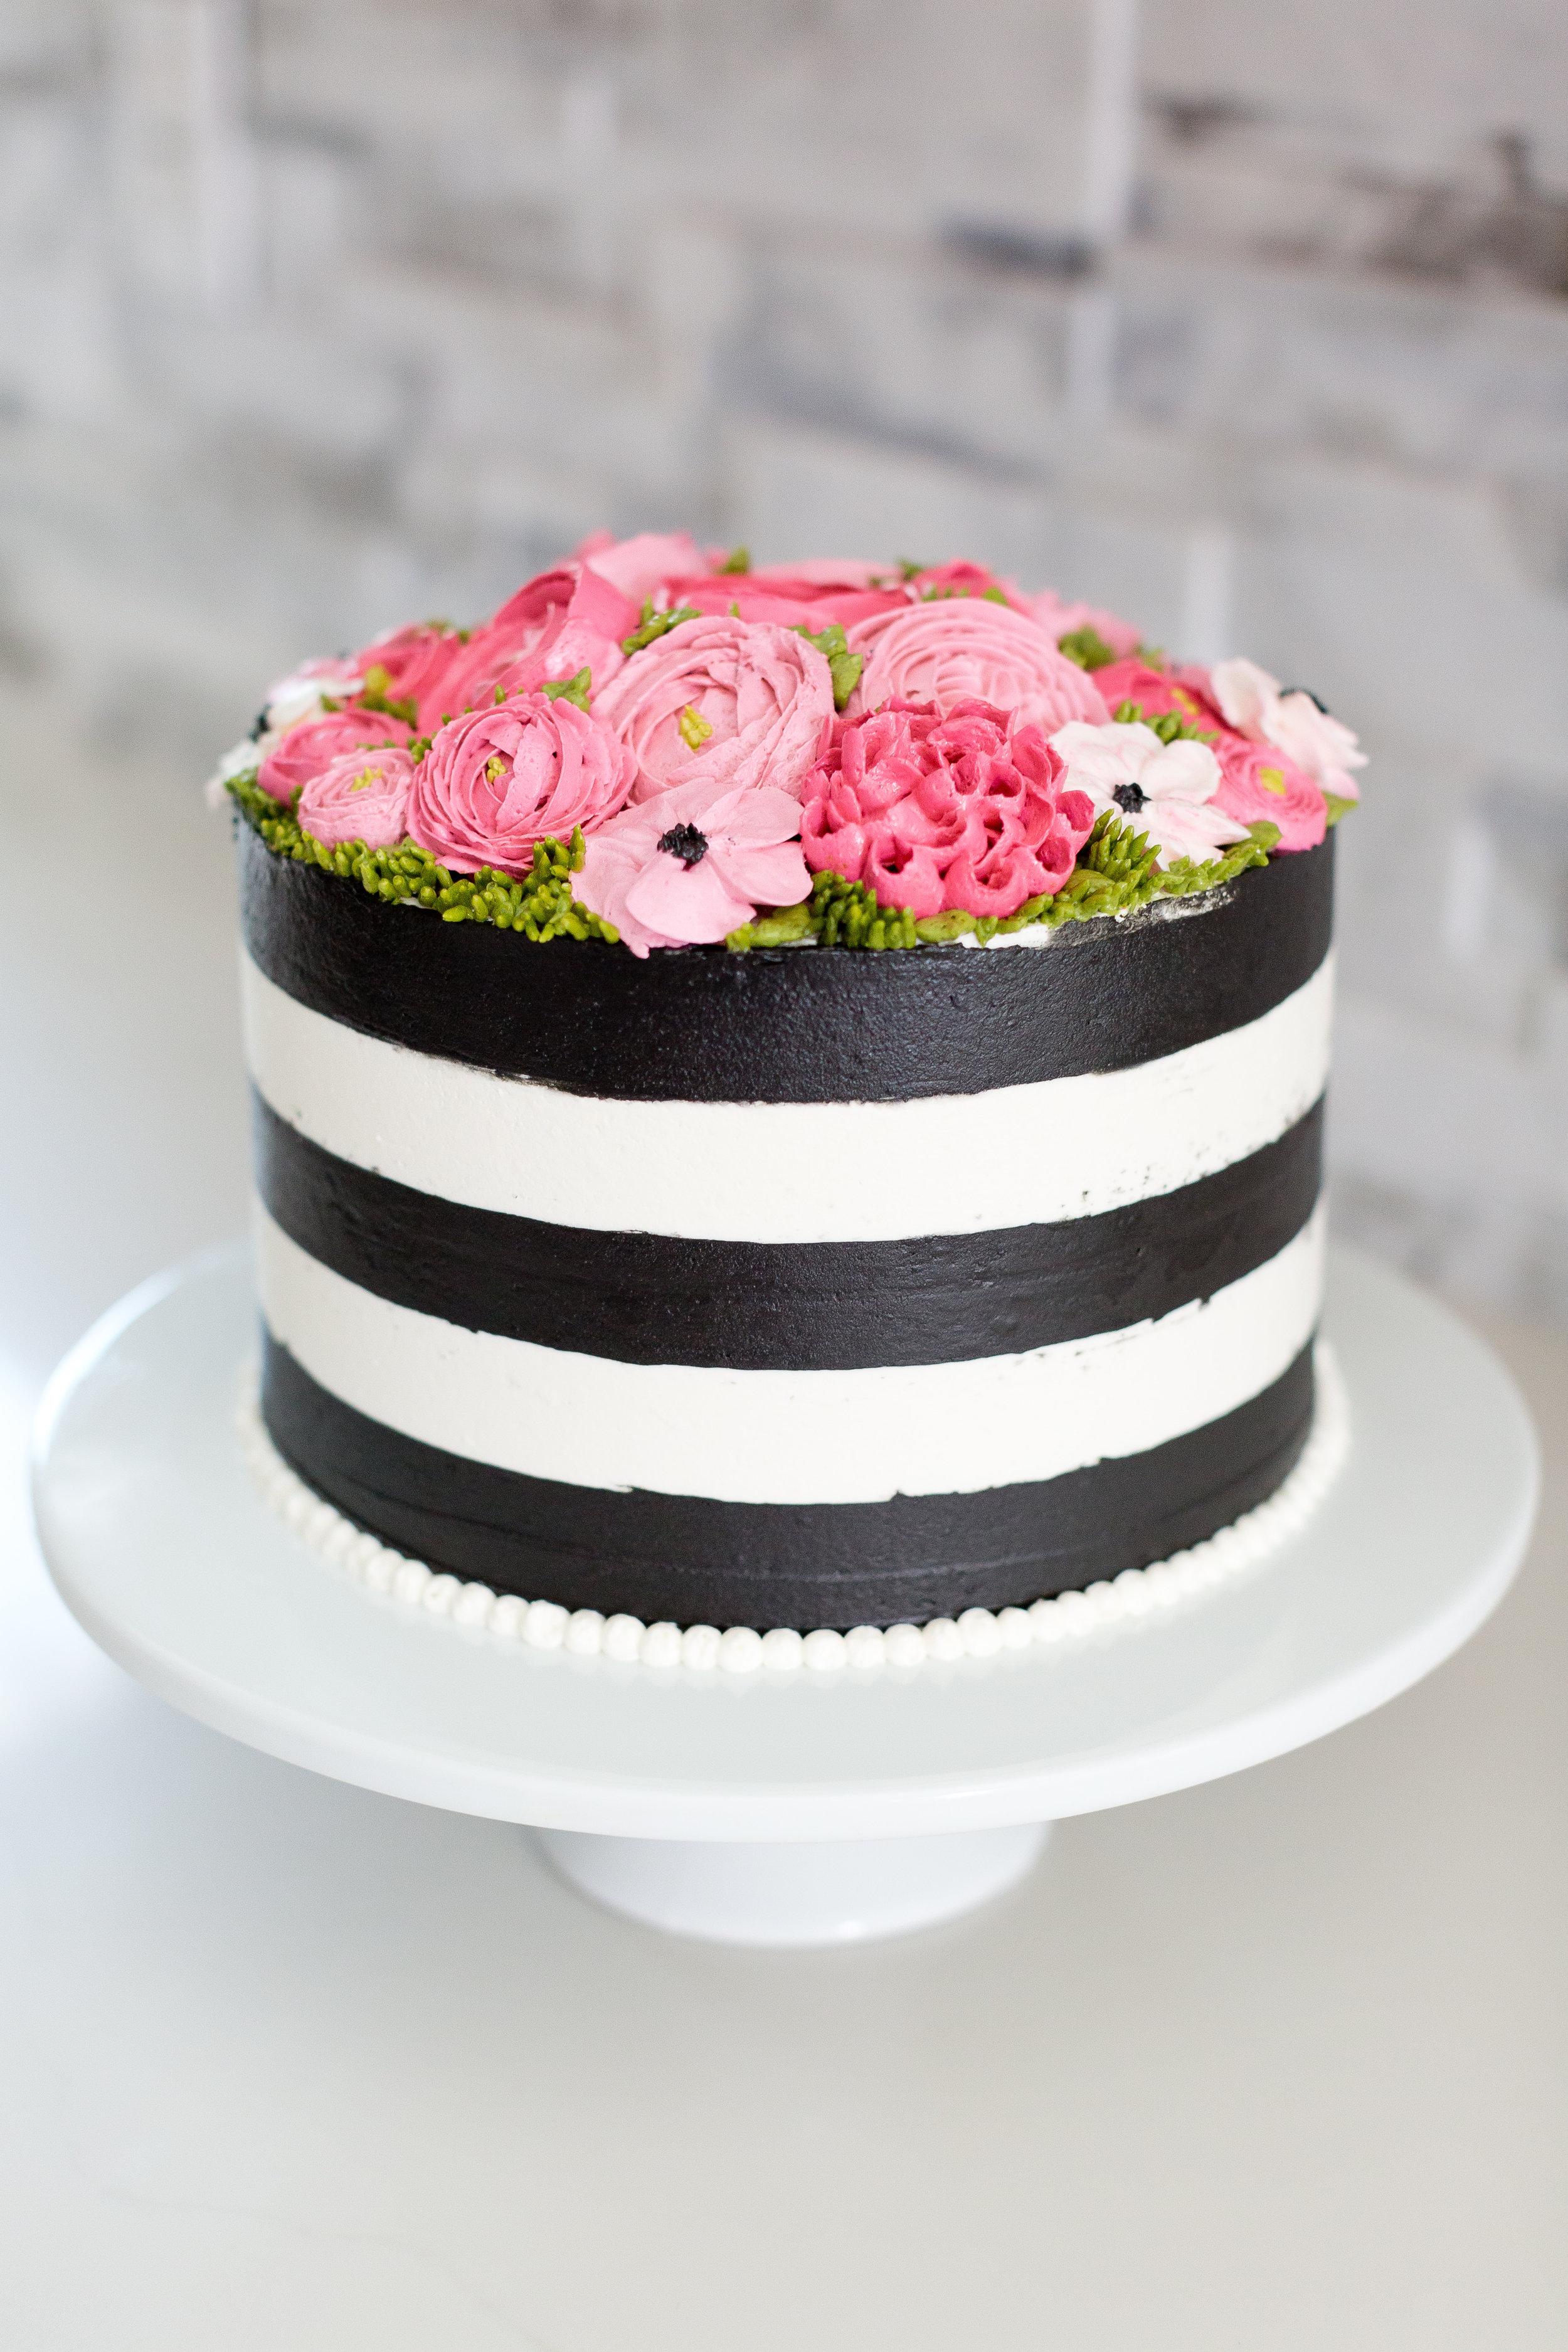 Cake She Baked-11.jpg